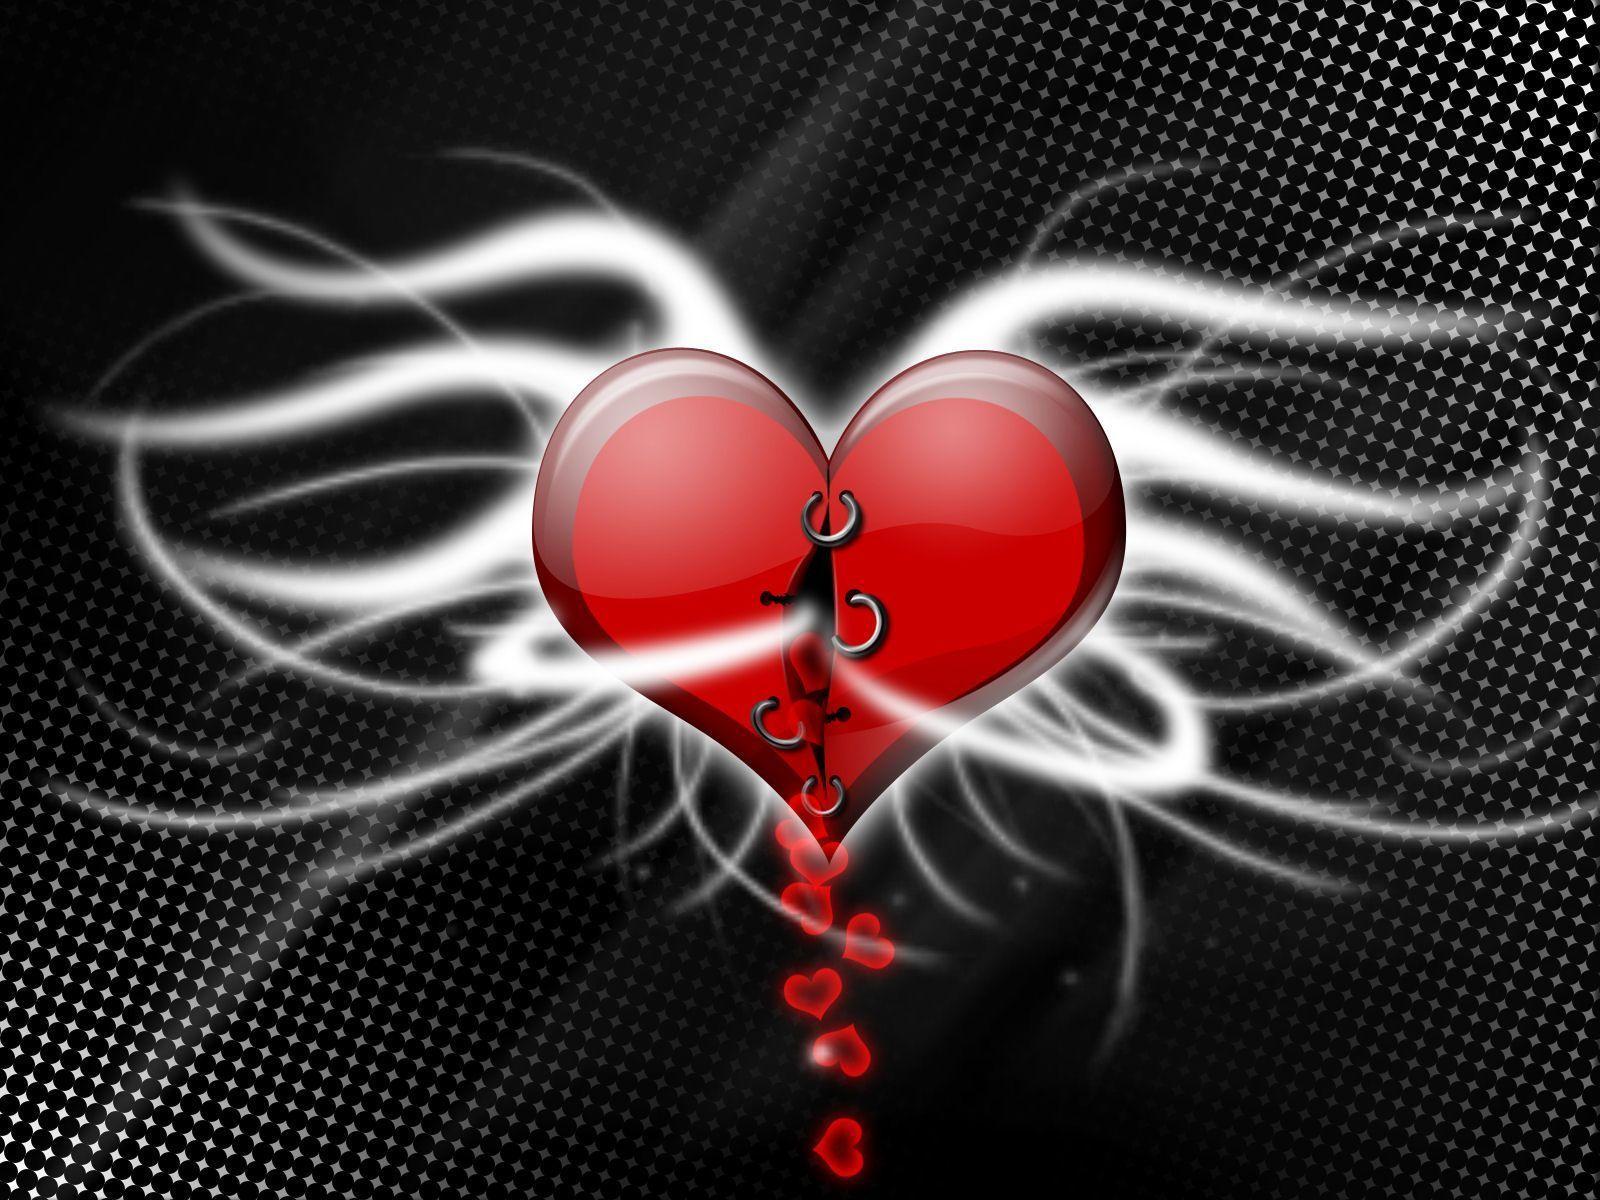 fond d'ecran love